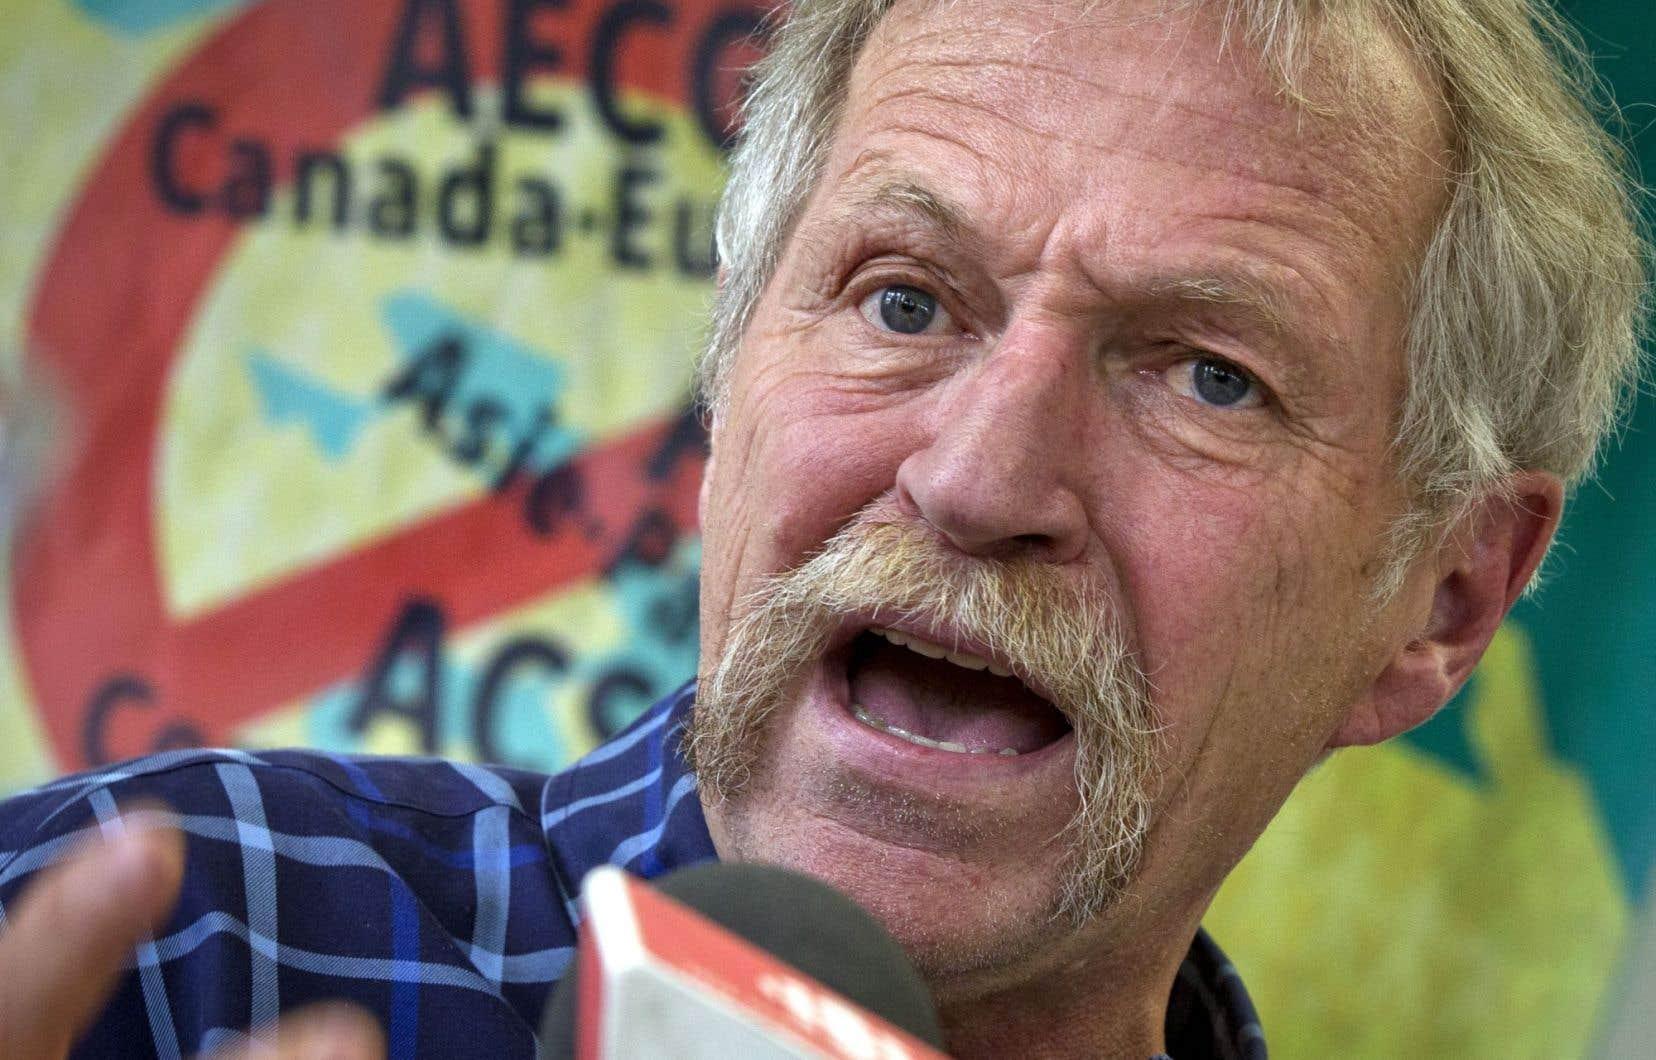 José Bové était venu au Canada pour participer à des événements visant à dénoncer l'accord de libre-échange conclu entre le Canada et l'Union européenne.